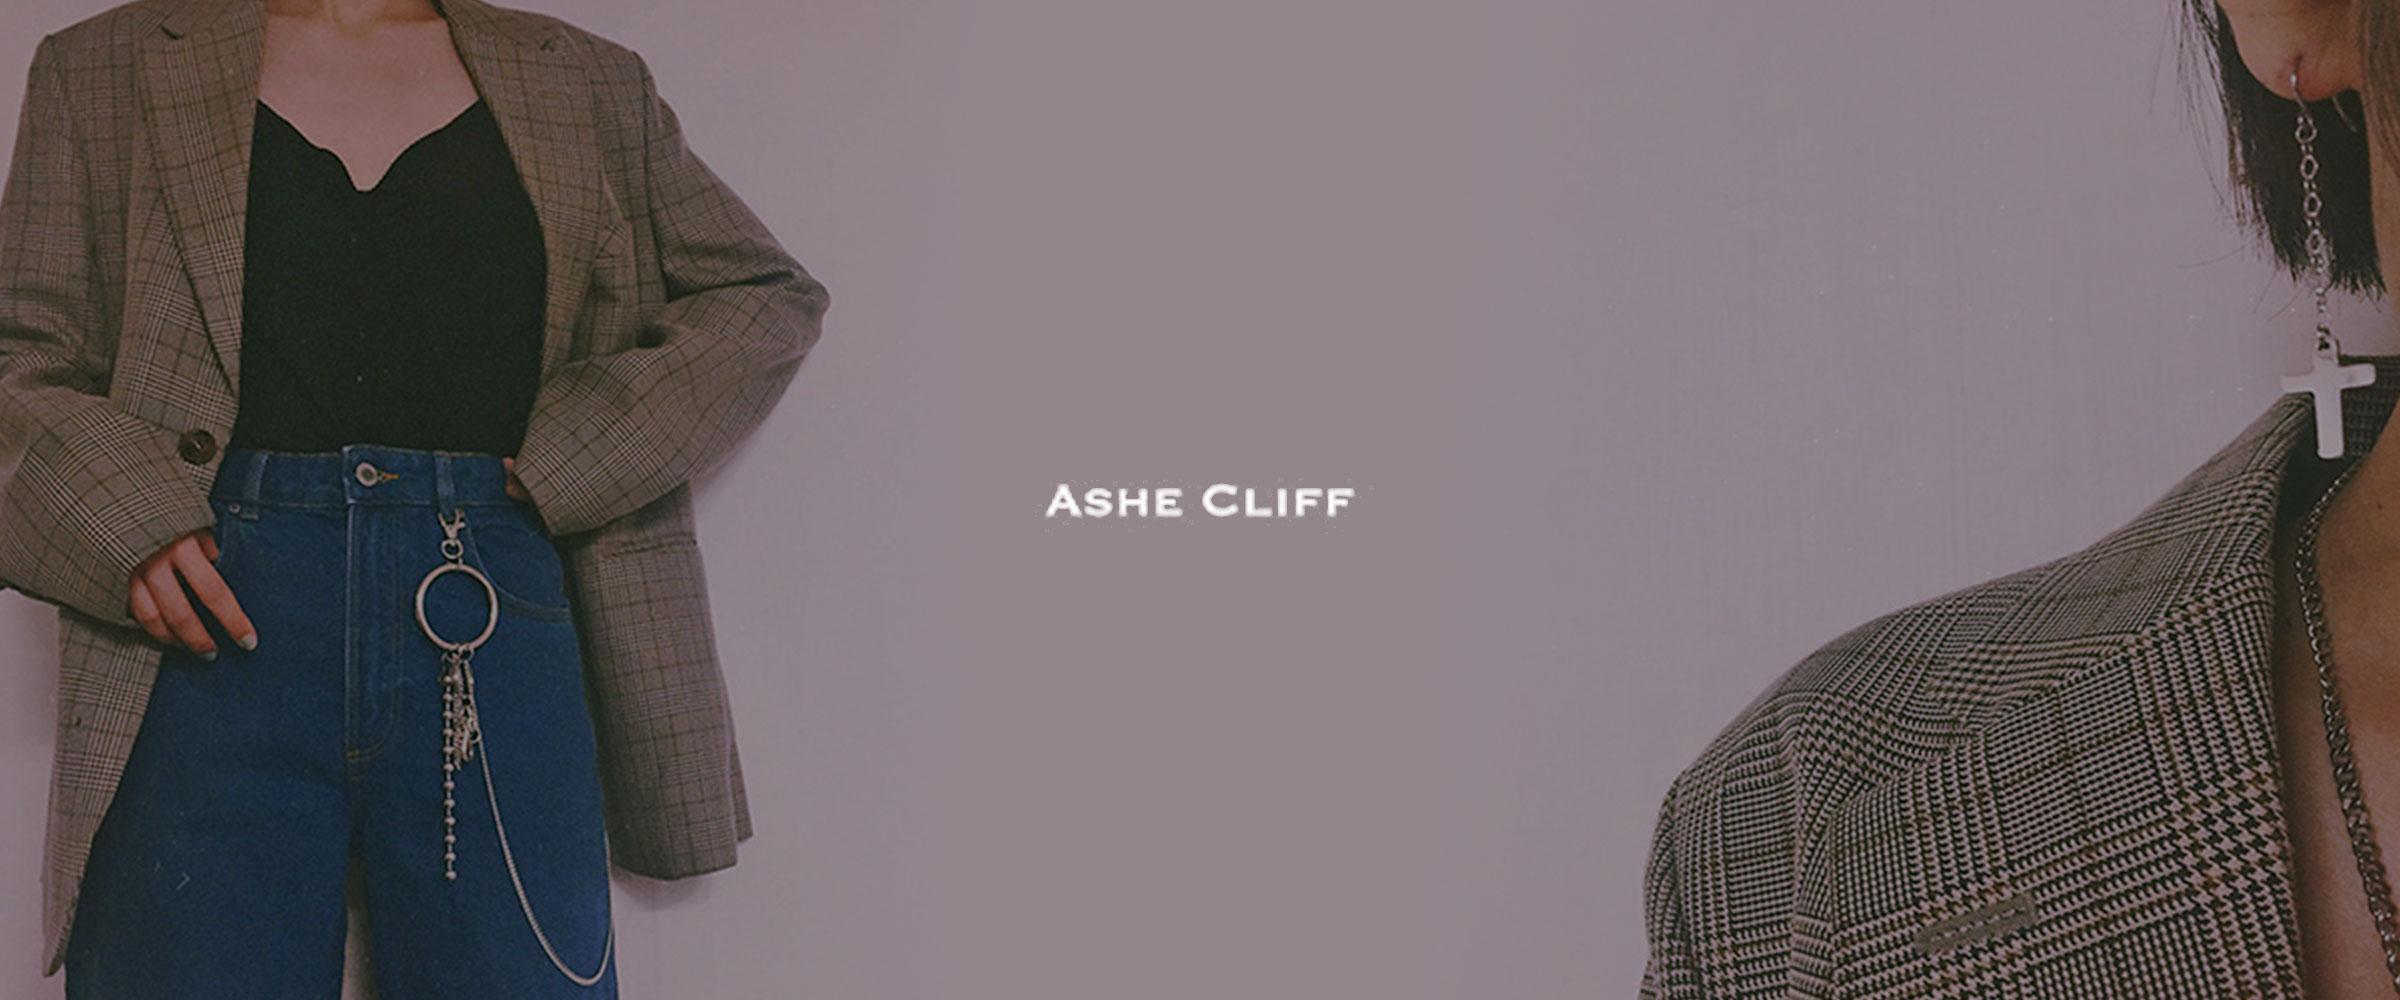 ashecliff.jpg